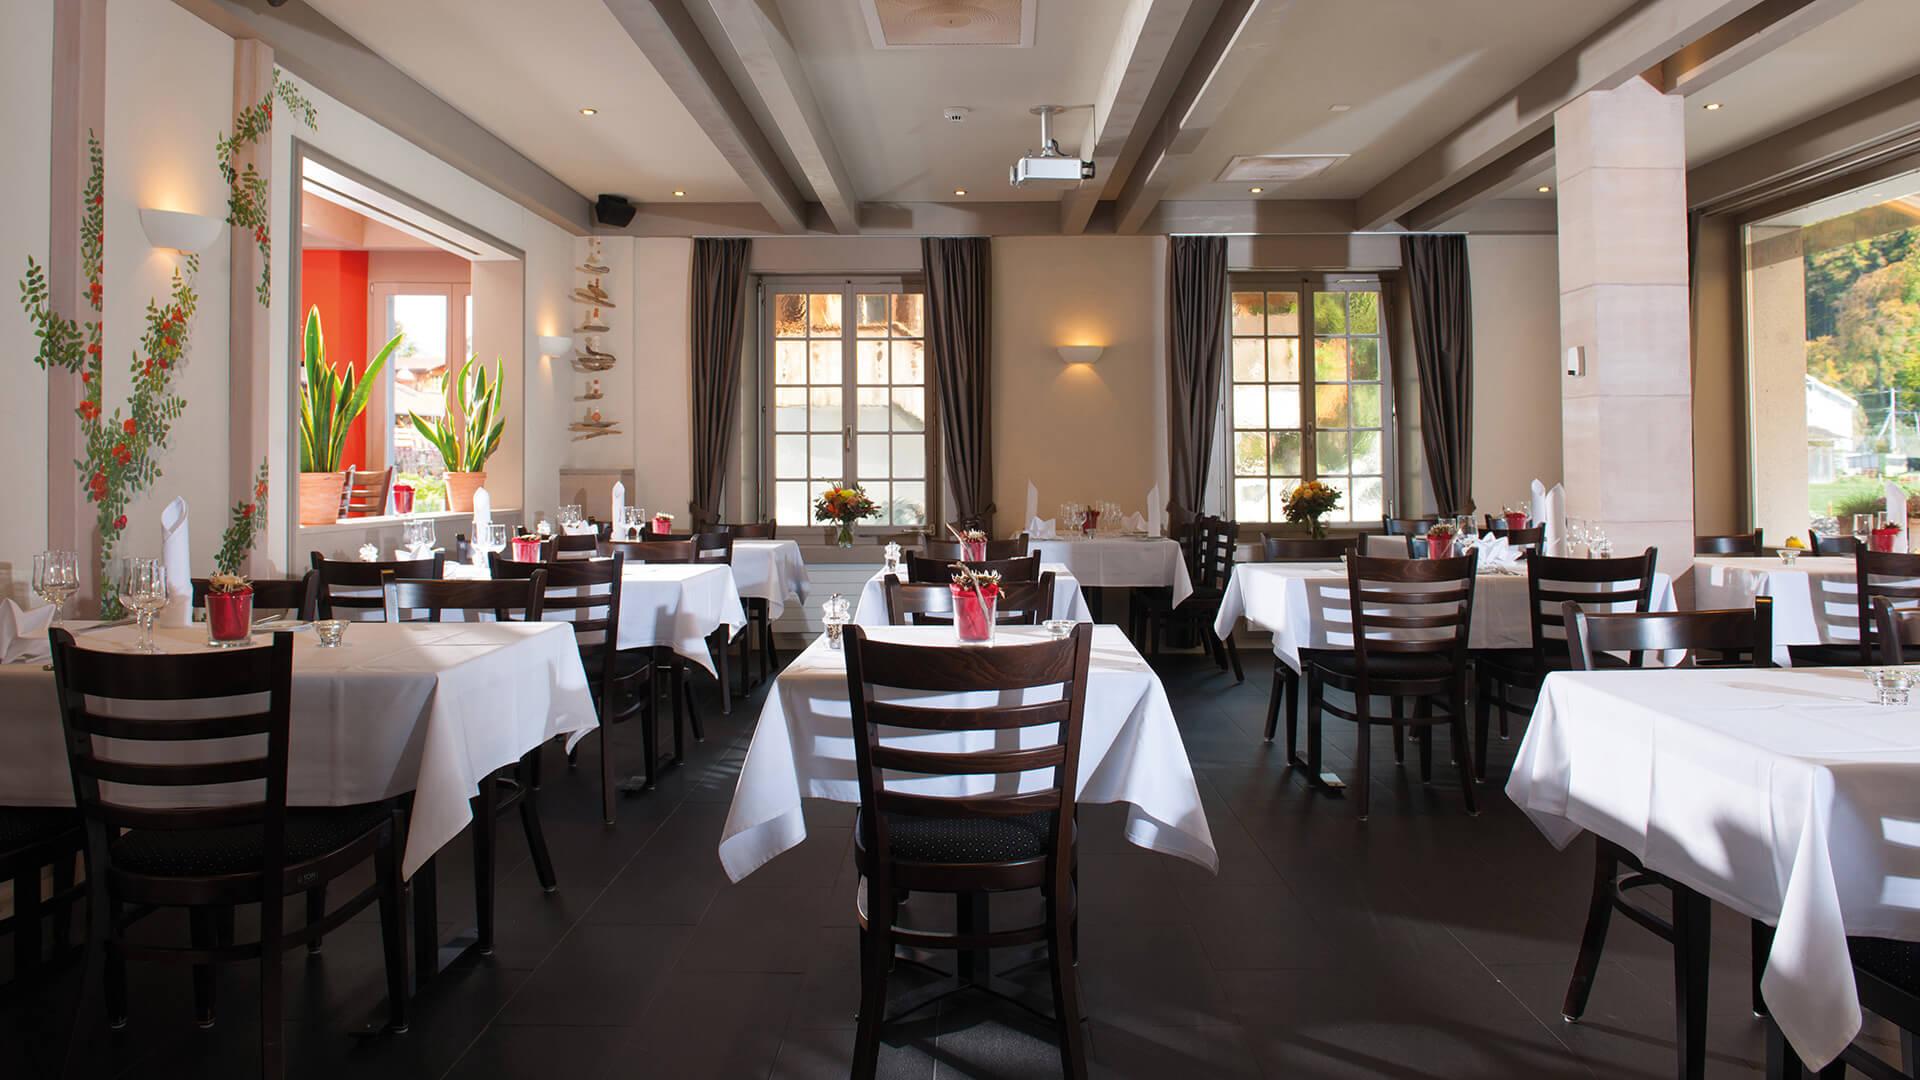 restaurant-jungfrau-wilderswil-speissesaal